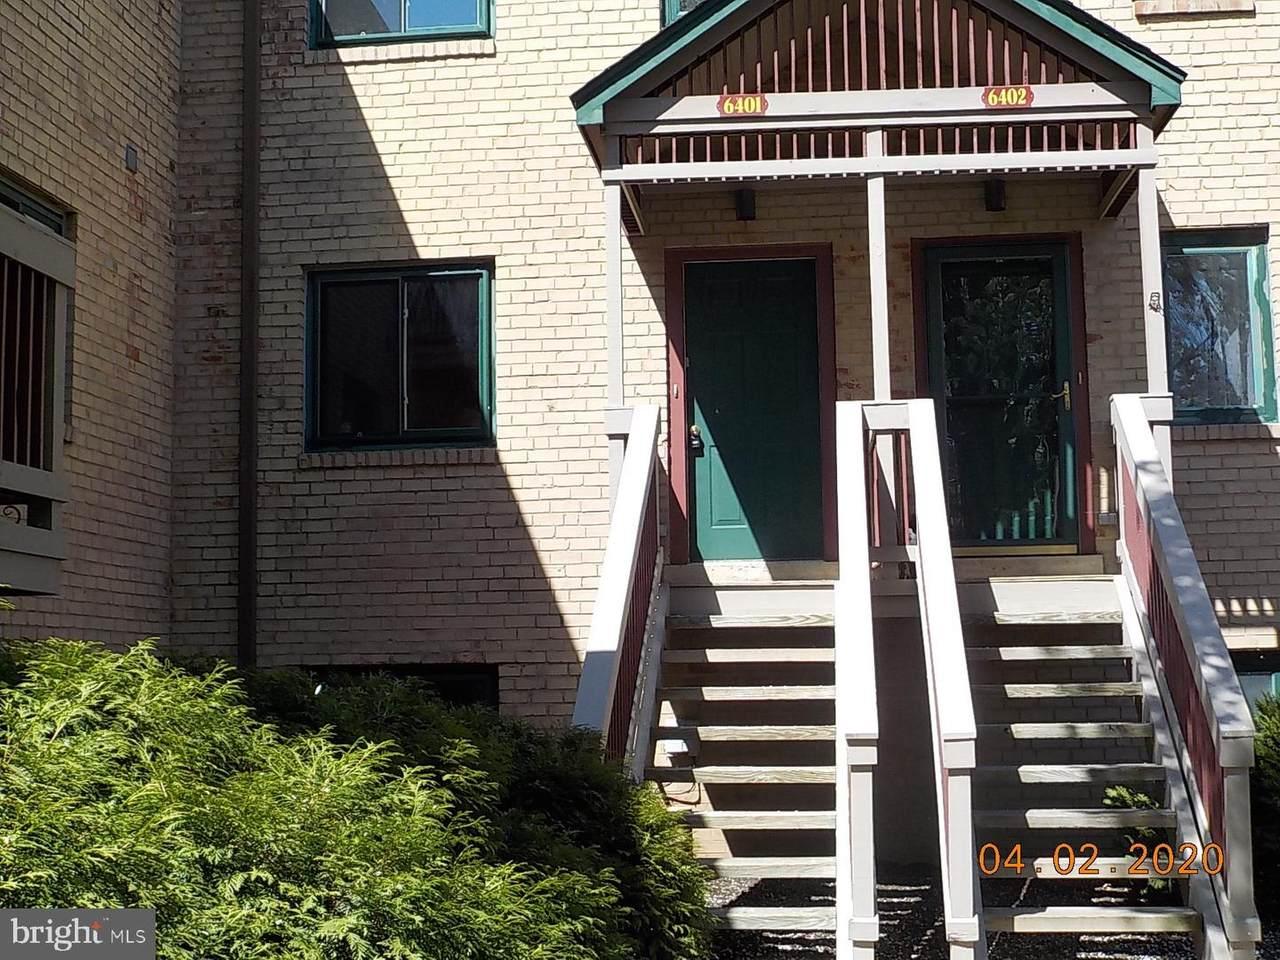 6401 Highland Court - Photo 1